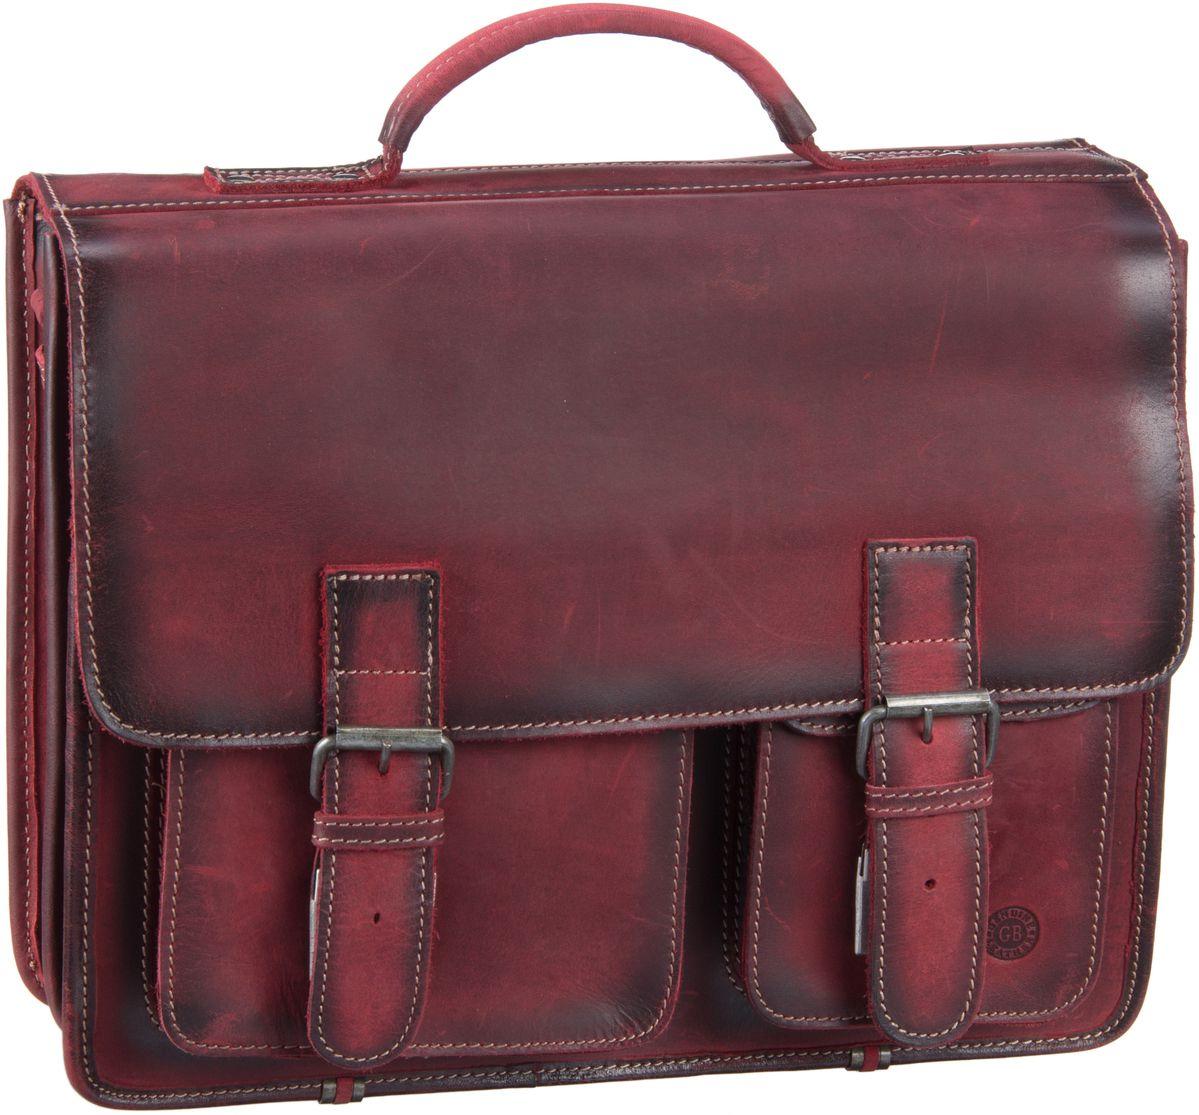 Businesstaschen für Frauen - Greenburry Aktentasche Buffalo 1028 Mappe XXL Burnish Red  - Onlineshop Taschenkaufhaus